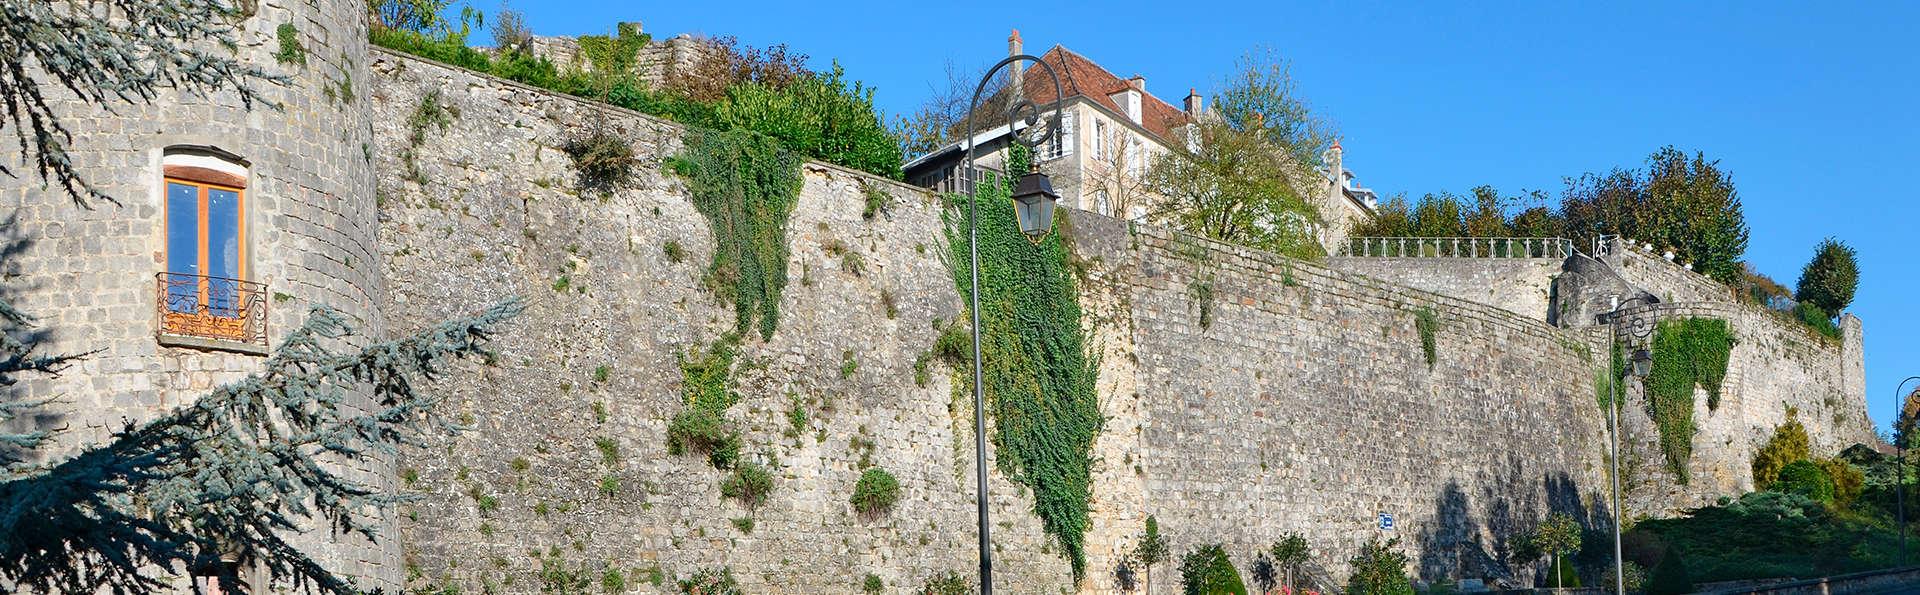 Hôtel Ile de France - Edit_Remparts-de-Chateau-Thierry.jpg